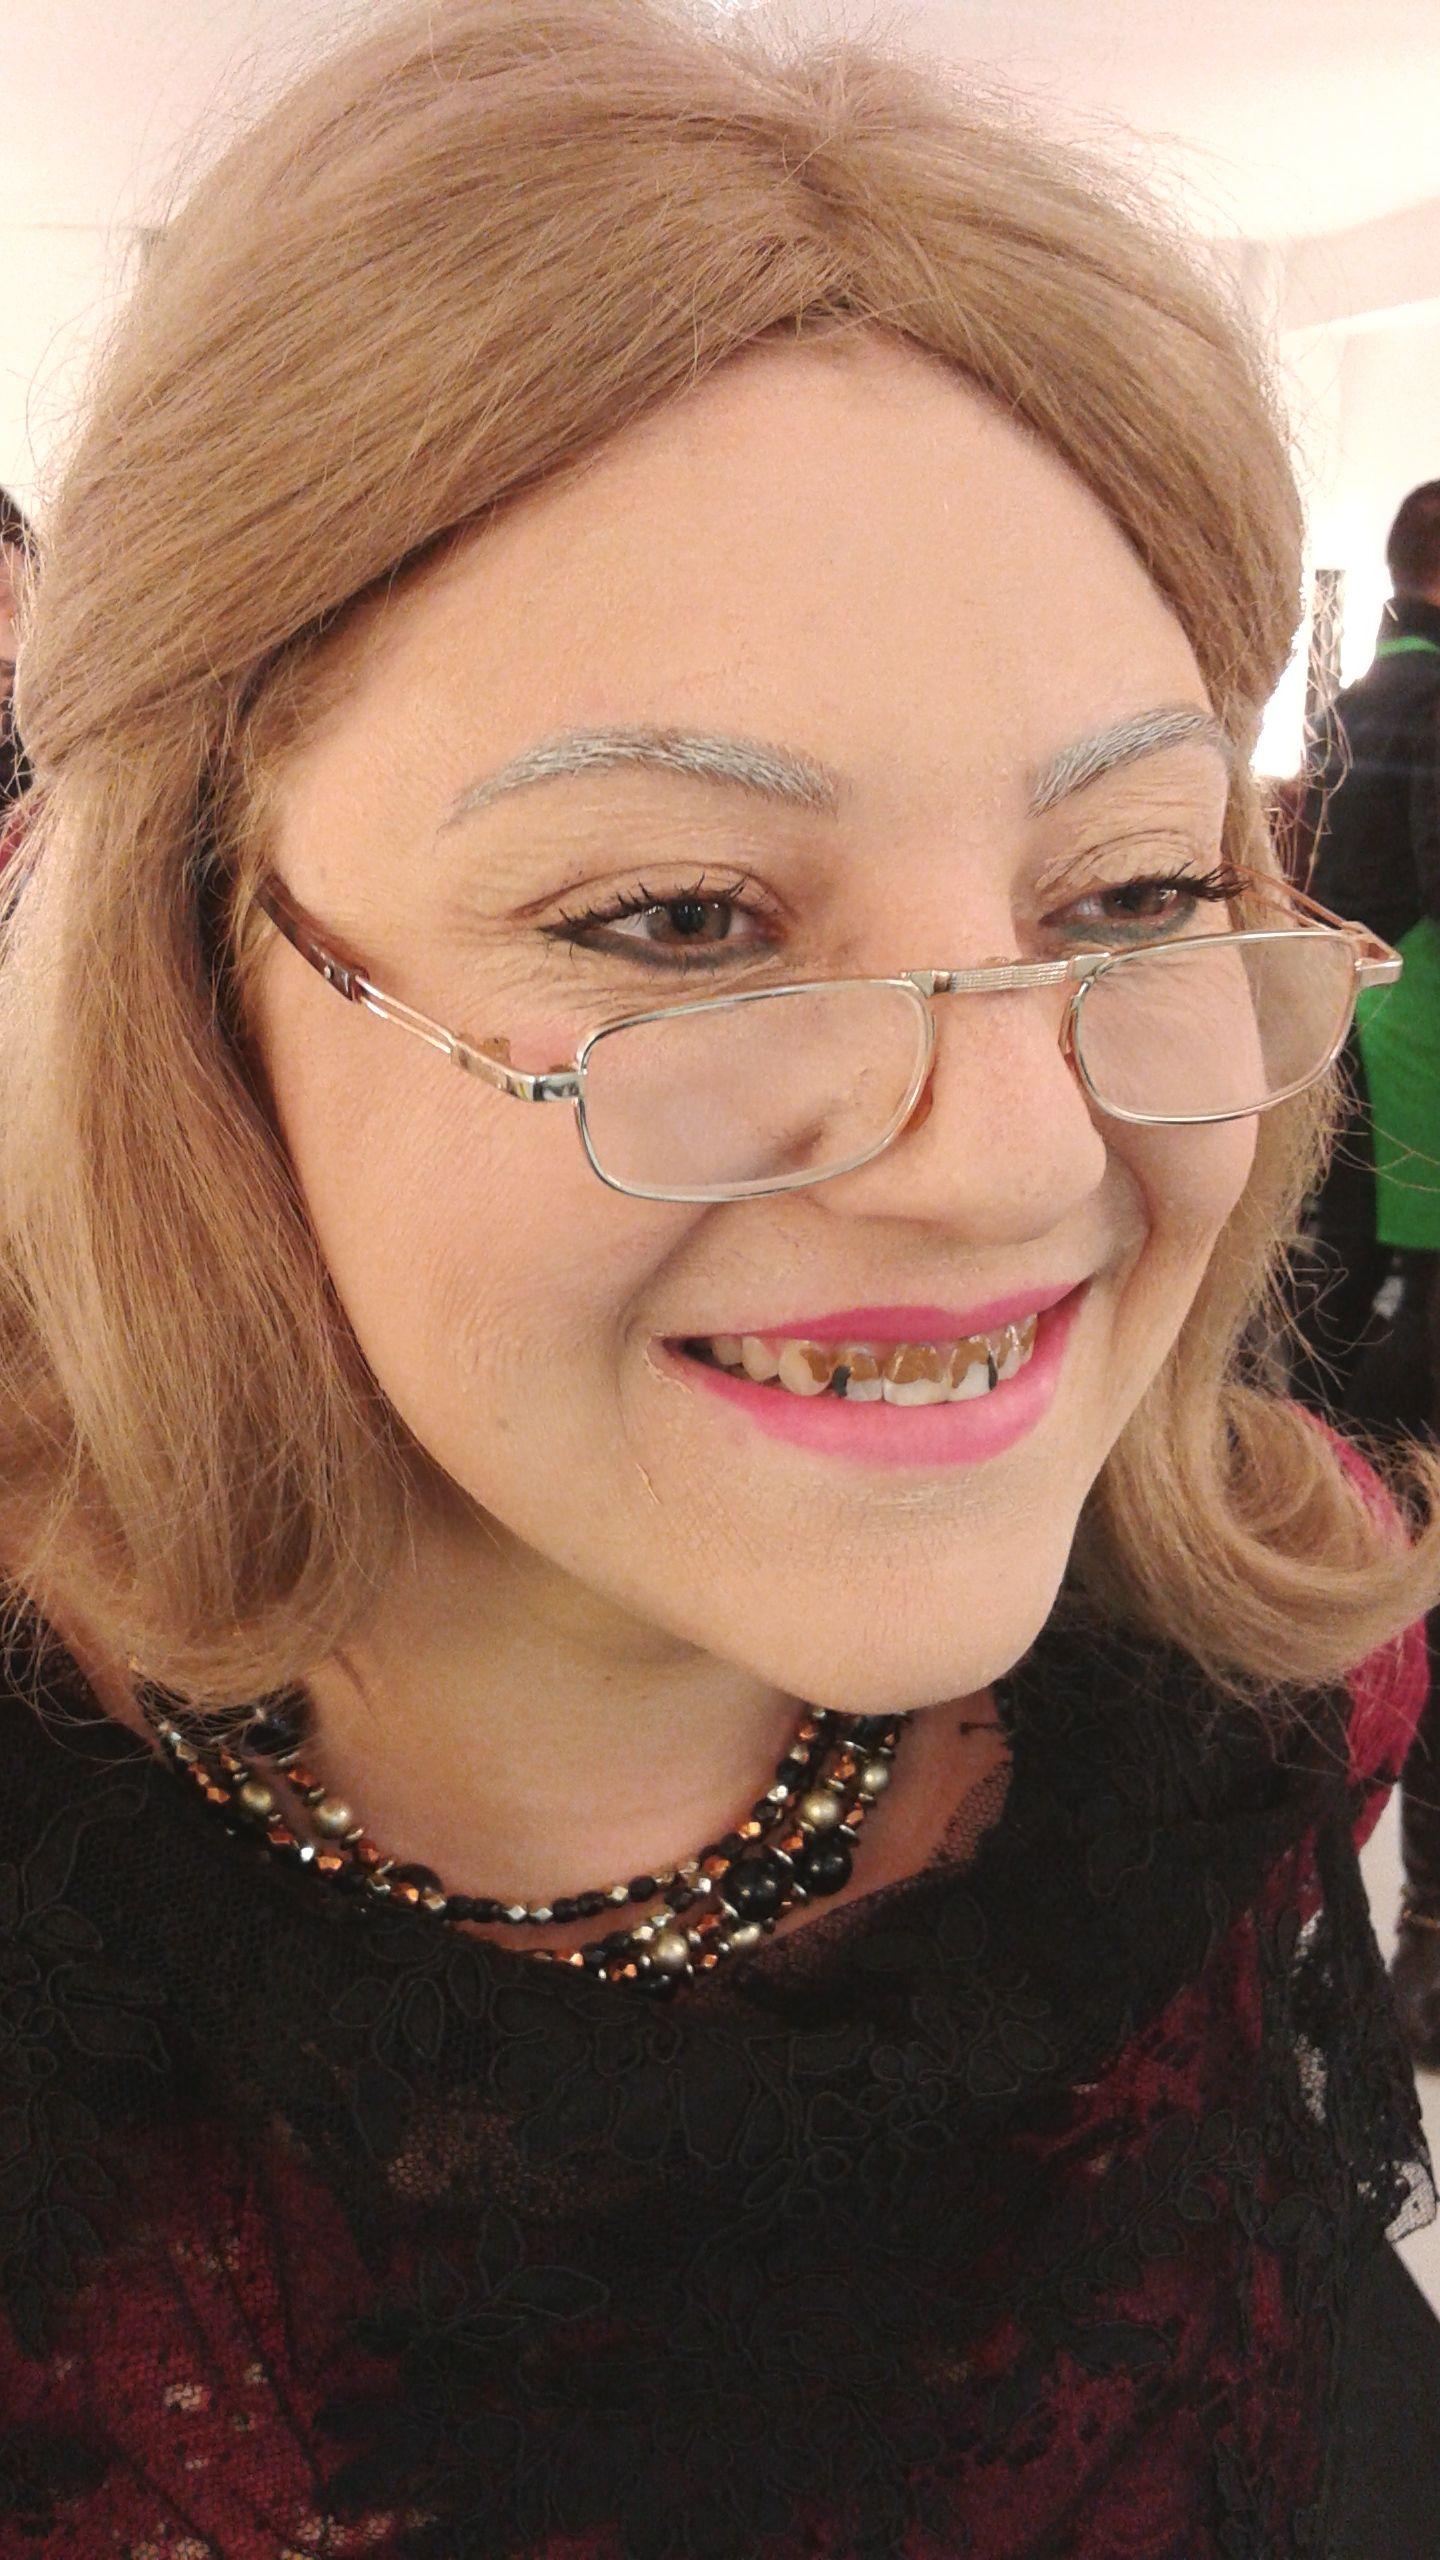 Envejecimiento de cine en el curso intensivo de #maquillaje profesional